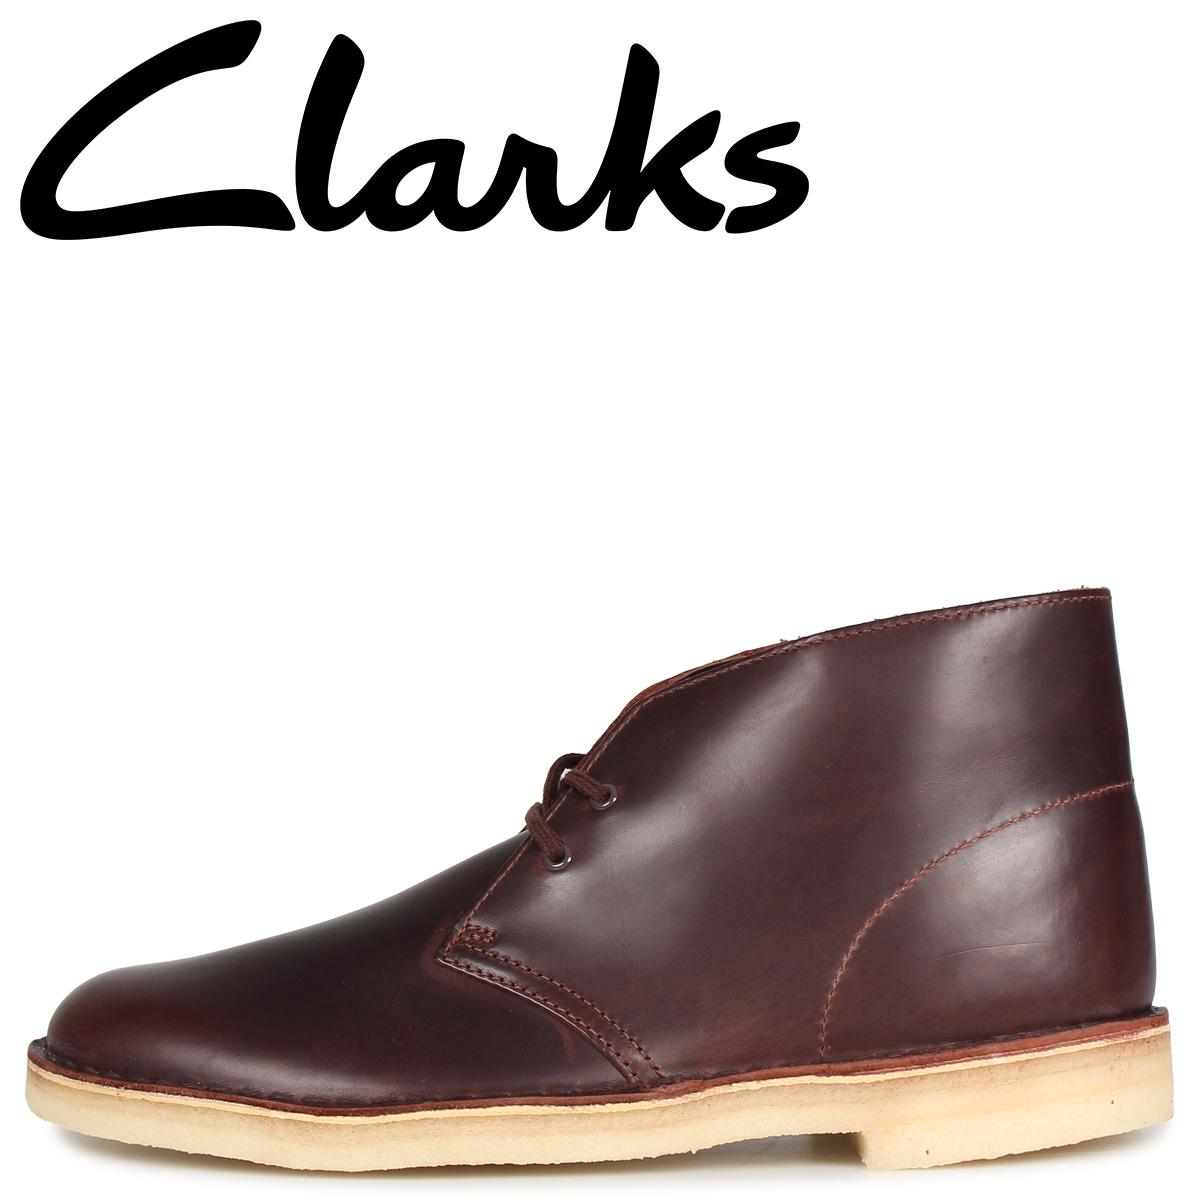 Clarks クラークス デザートブーツ メンズ DESERT BOOT ブラウン 26144228